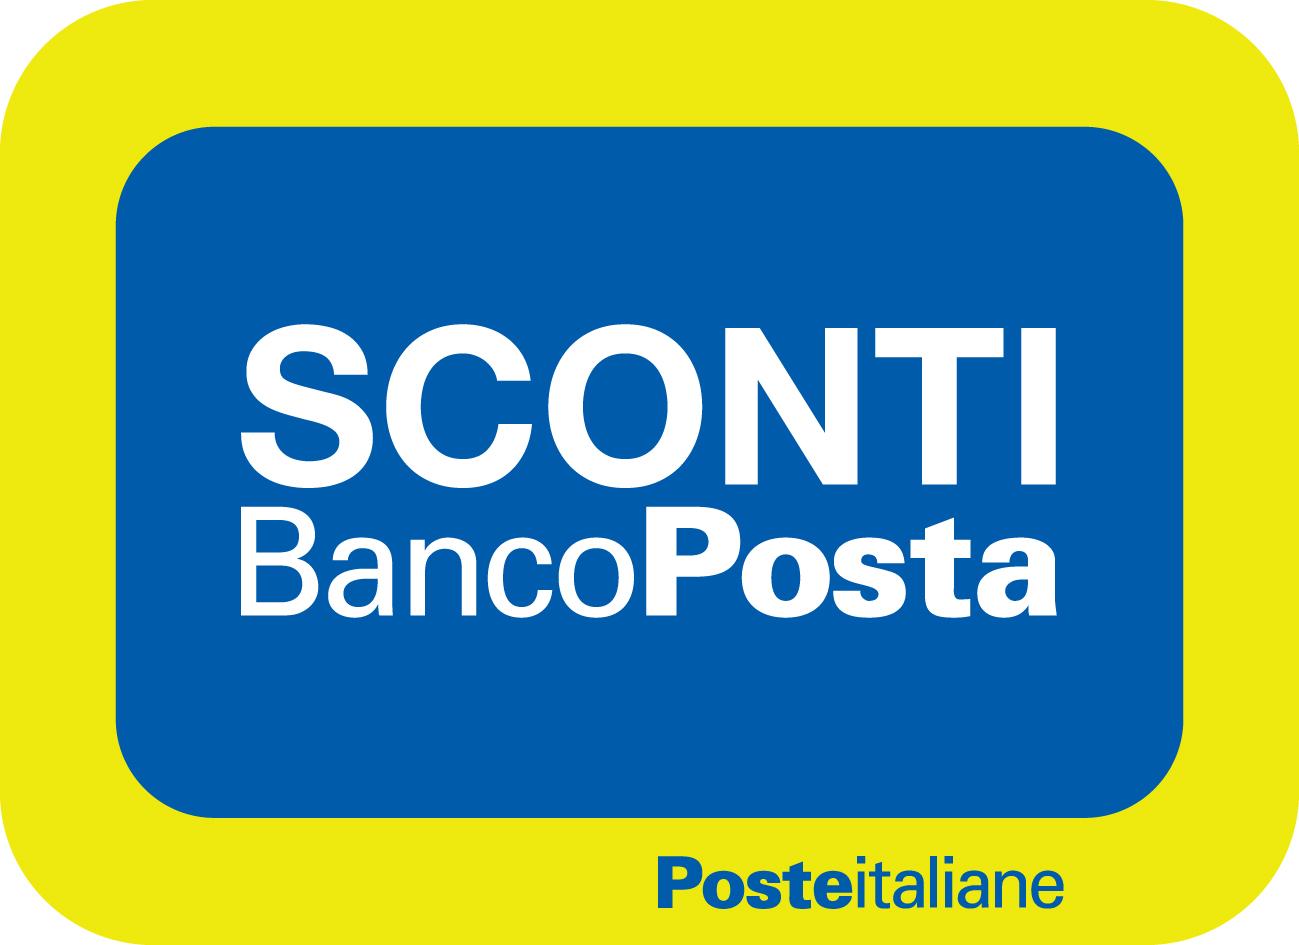 Risultati immagini per logo sconti banco posta